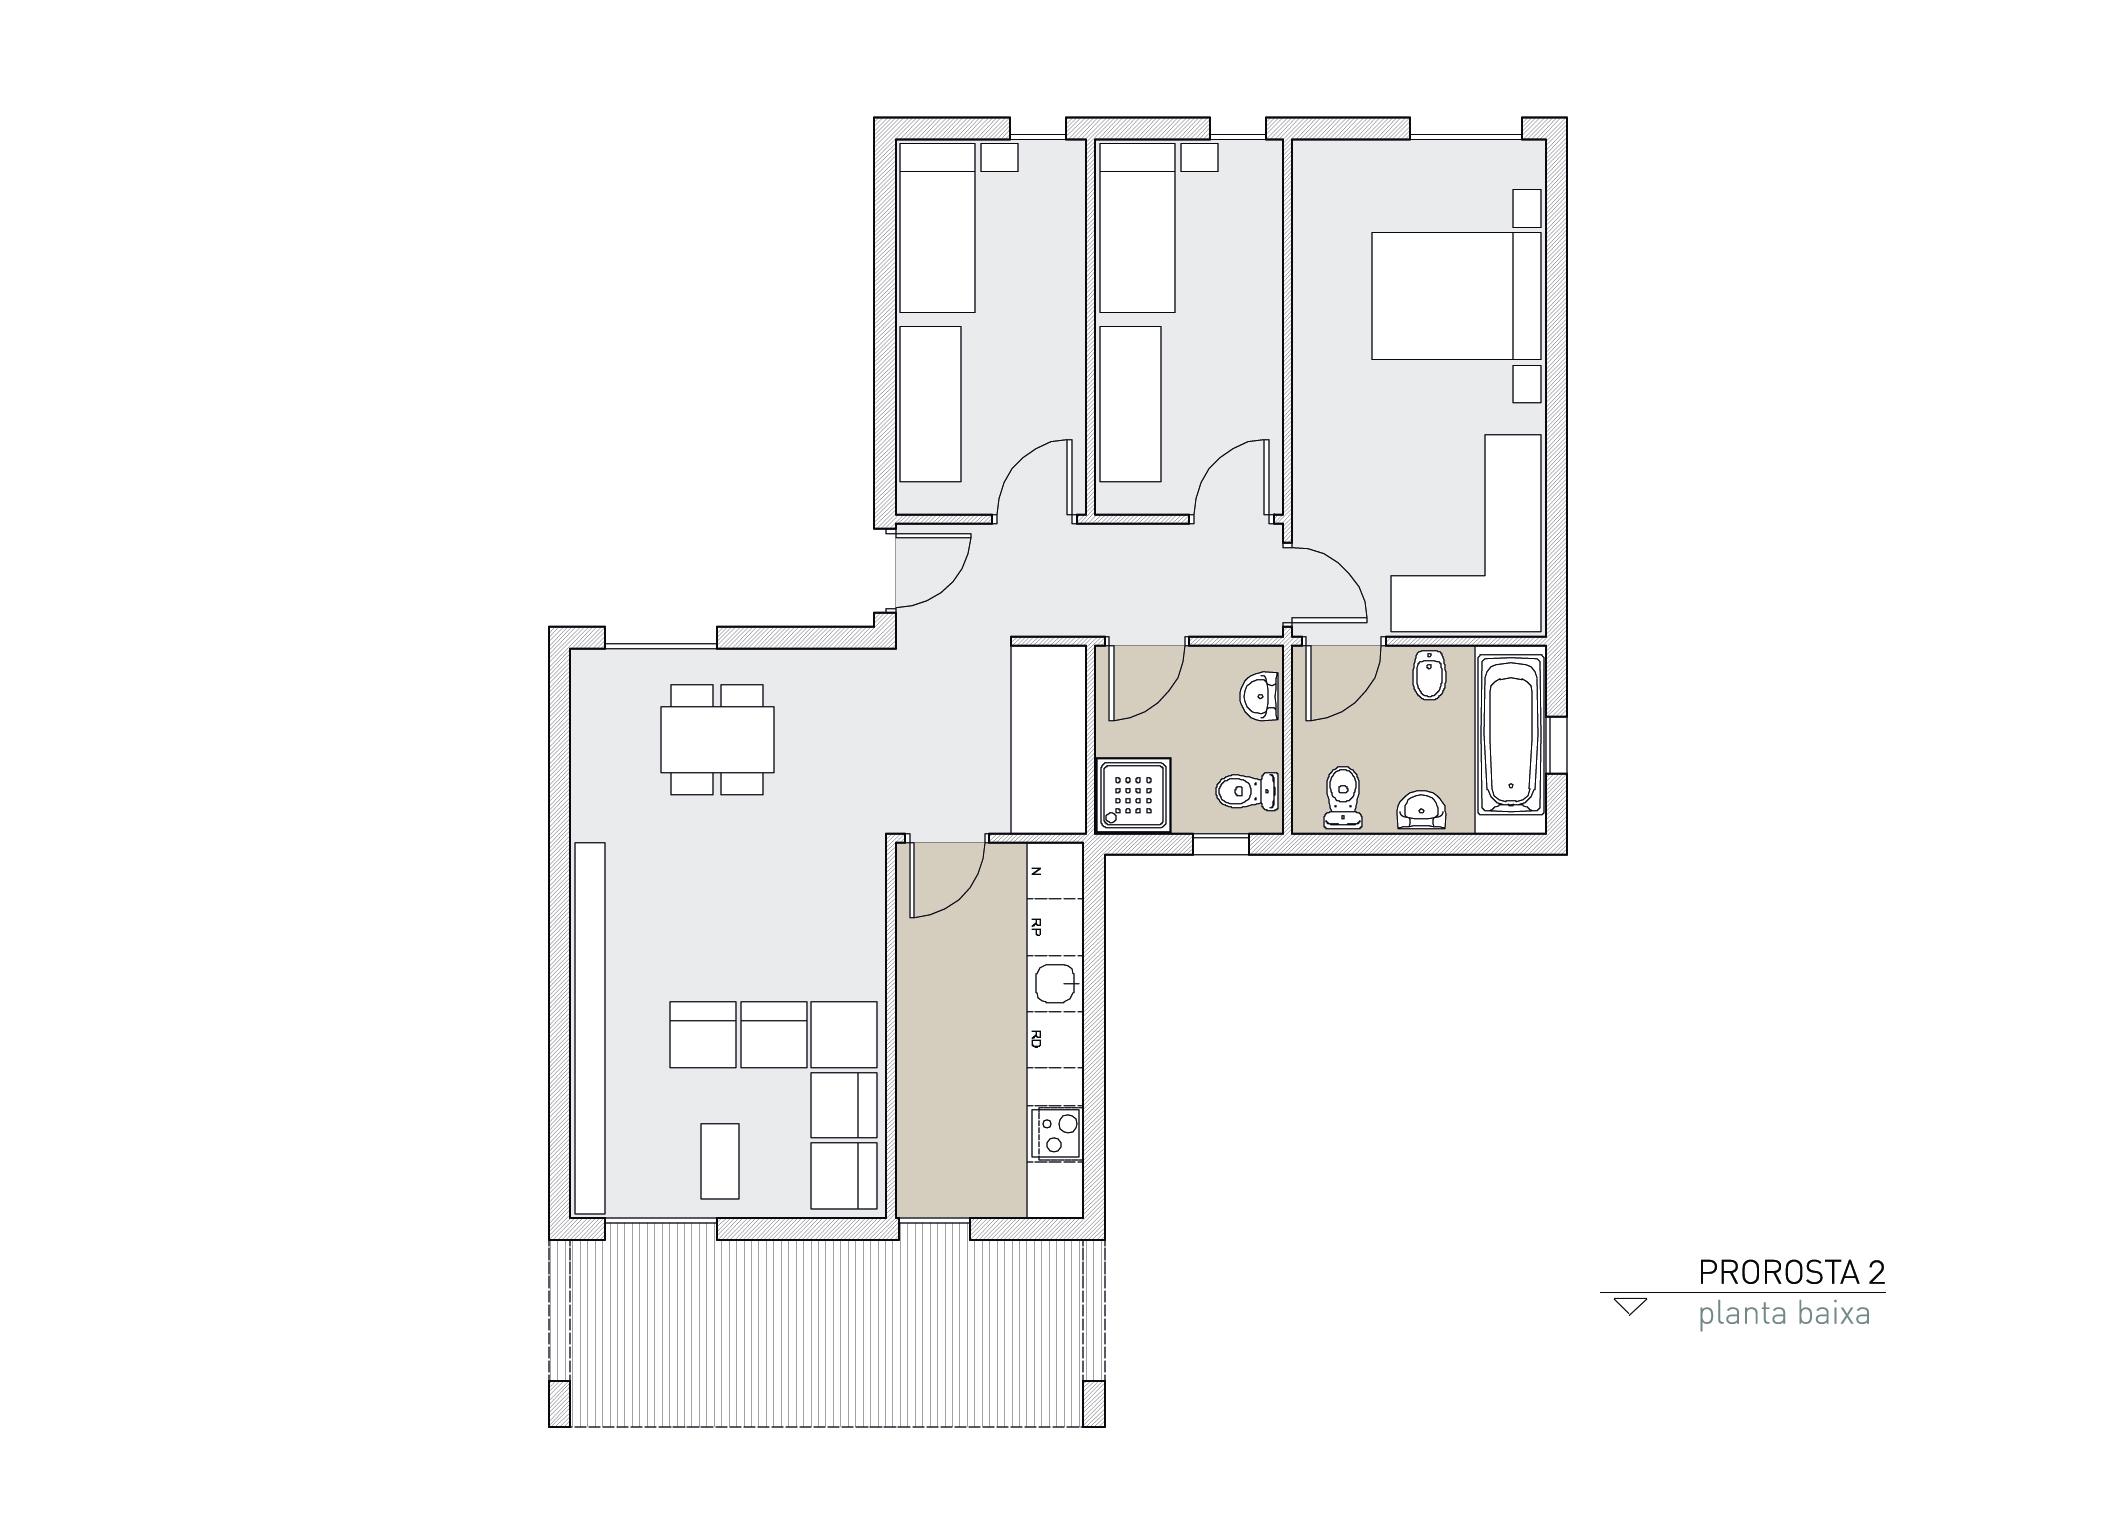 proposta 3 dormitoris